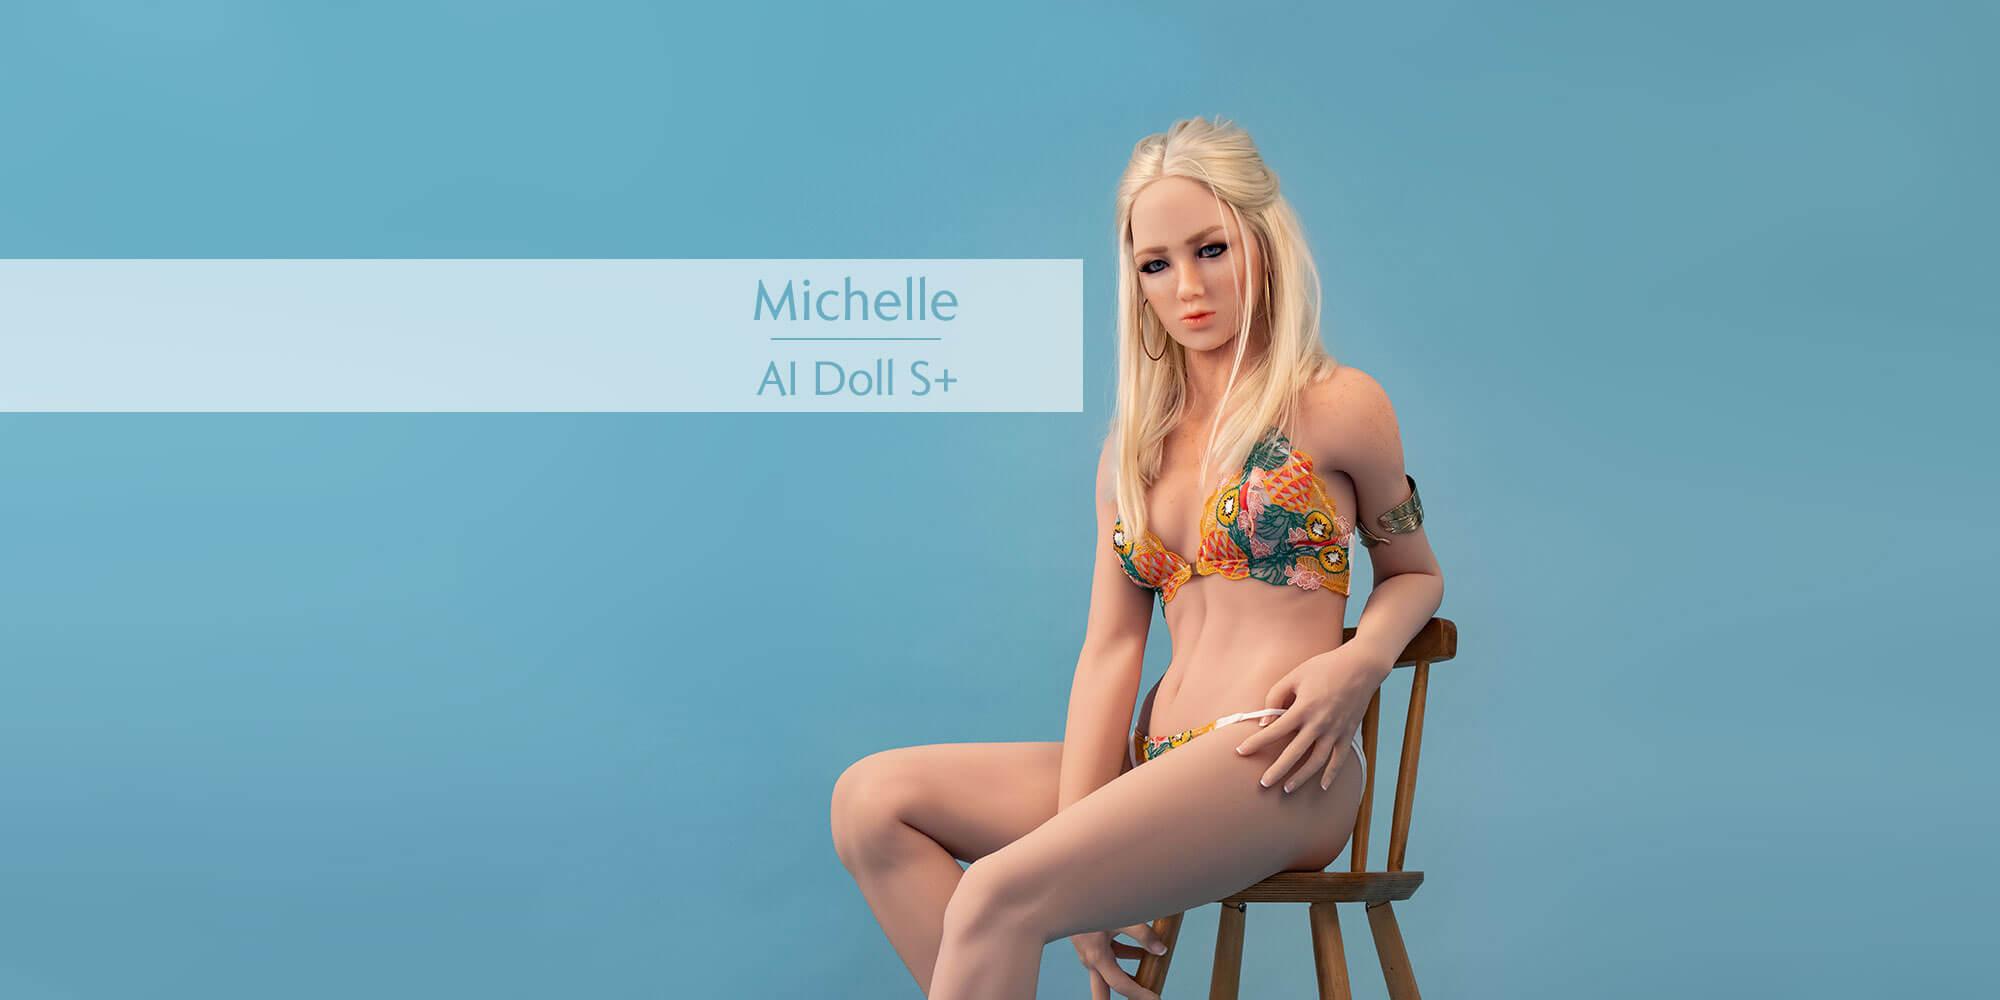 IMages, nouvelle poupee configuree Michelle